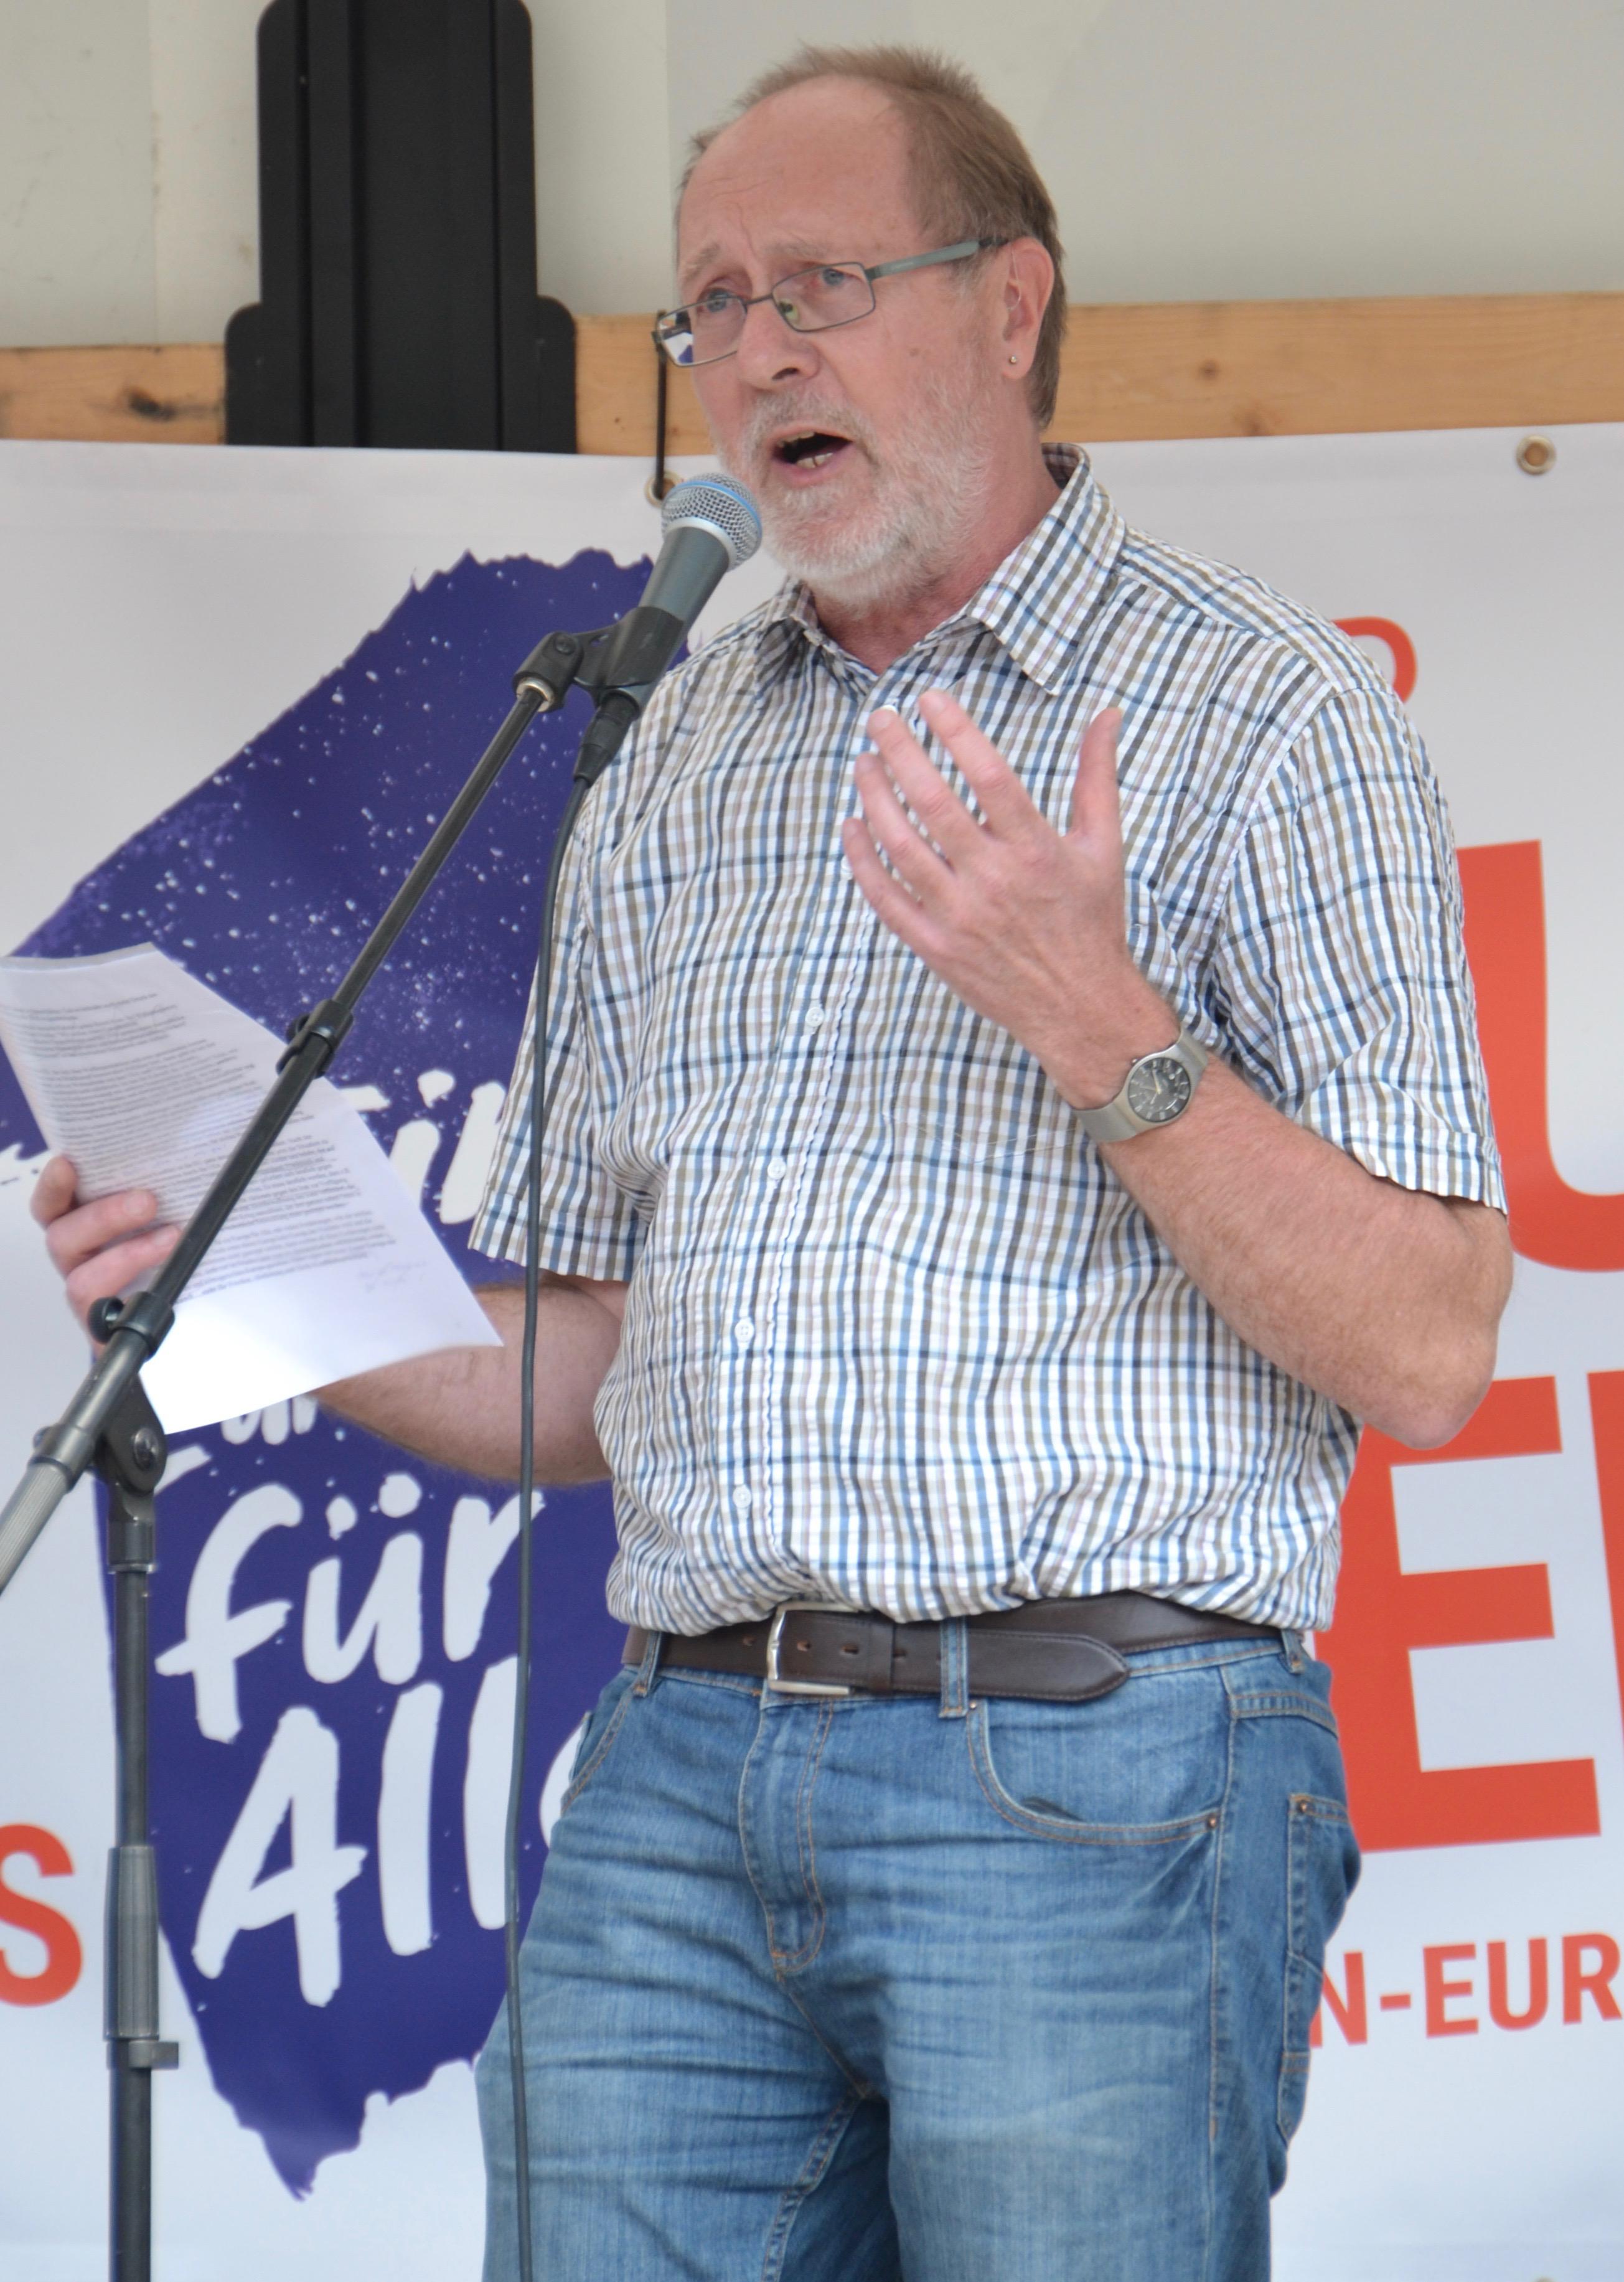 Ein älterer Herr mit kurzrasierten schütteren grauen Haaren in einem hellen Sommerhemd und Jeans spricht in ein Mikro.